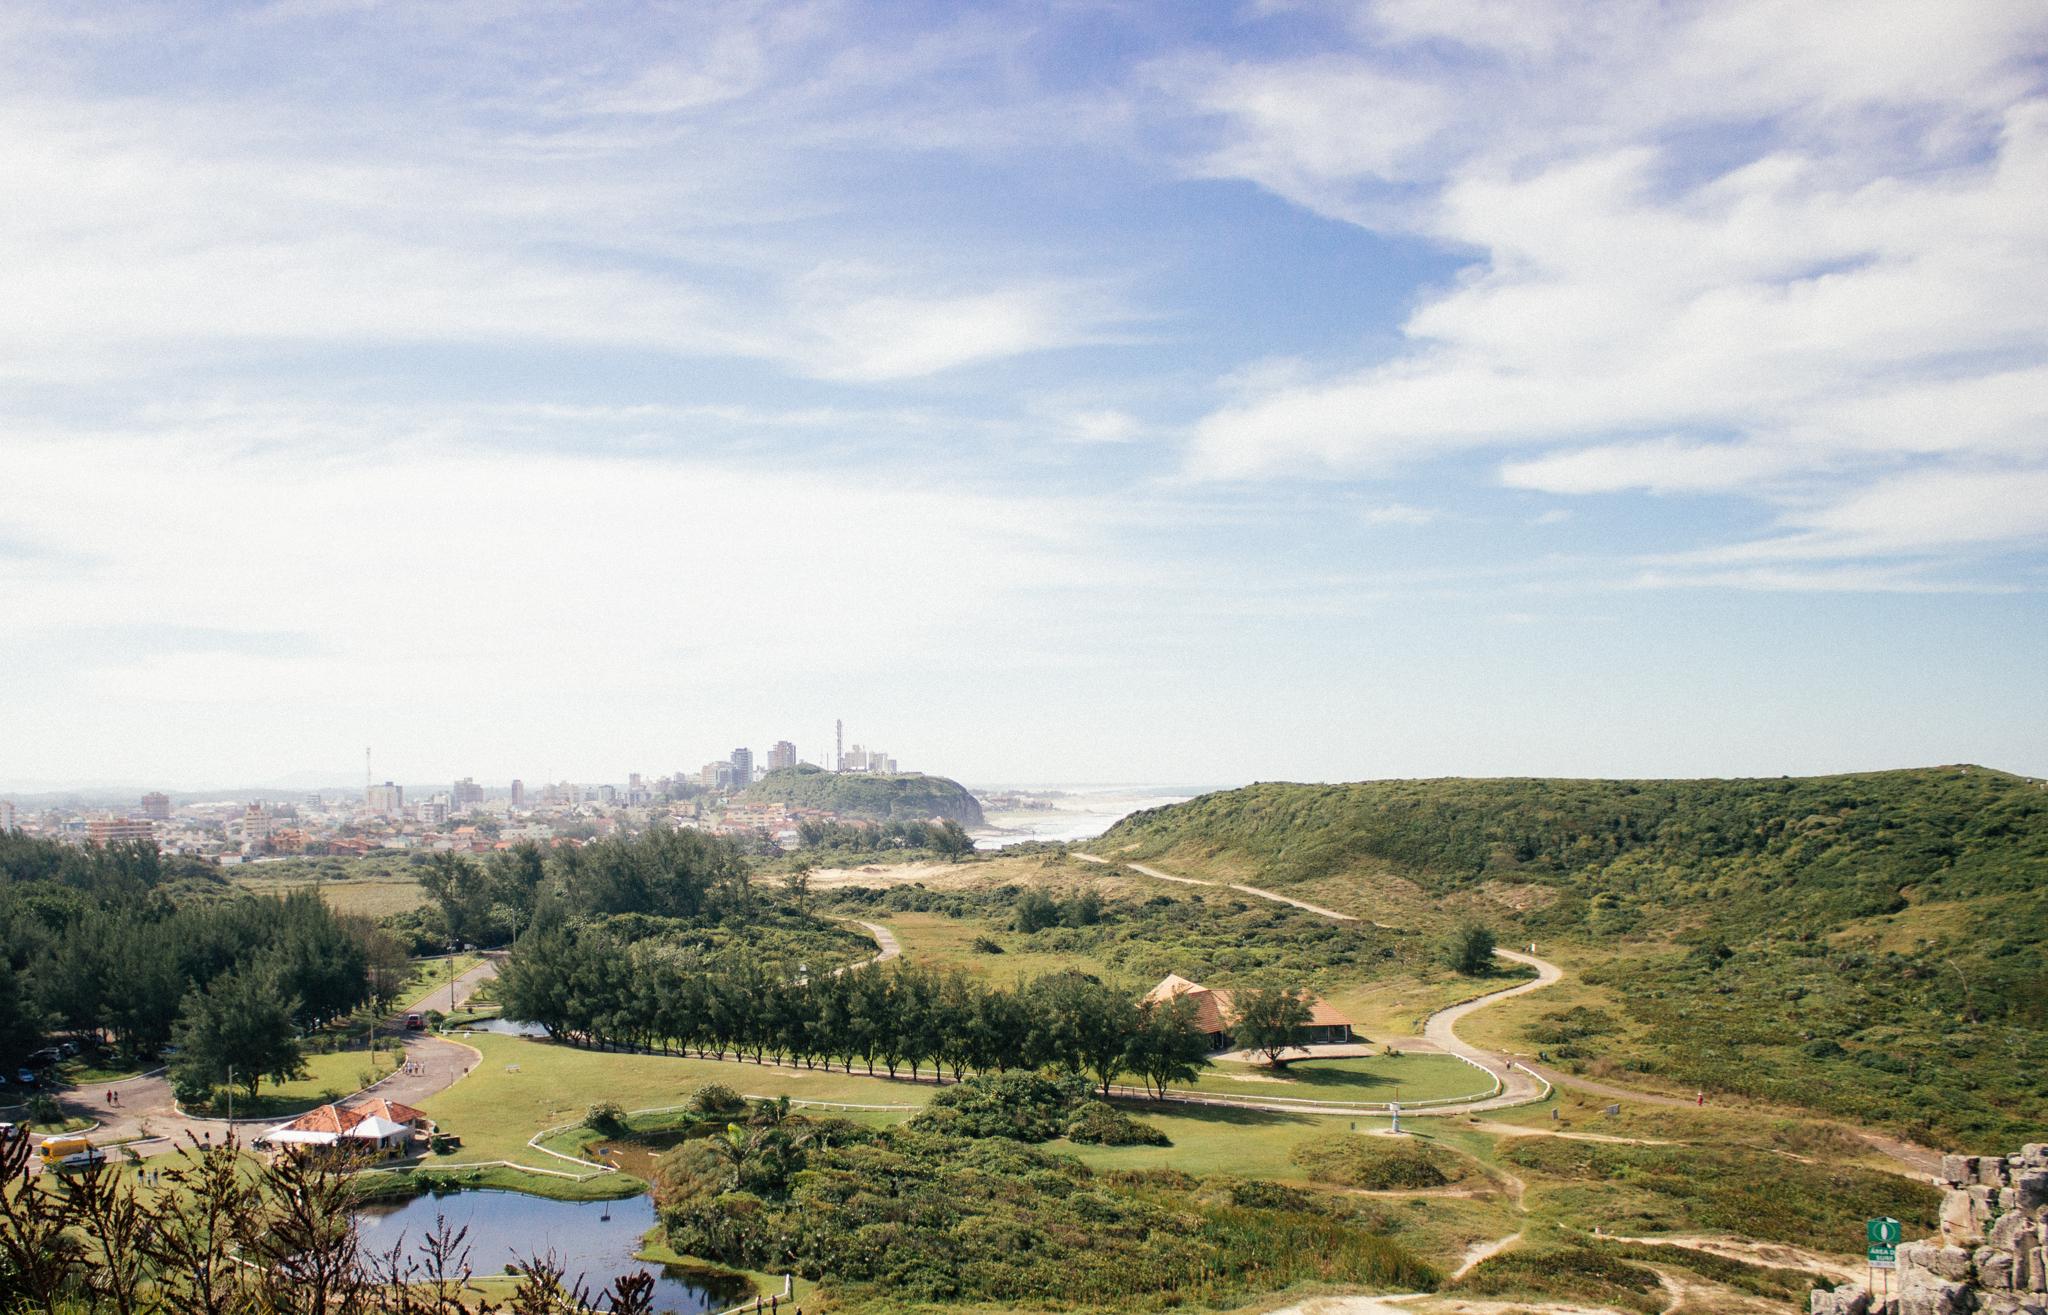 Parque da Guarita e lá no fundo está o Morro do Farol